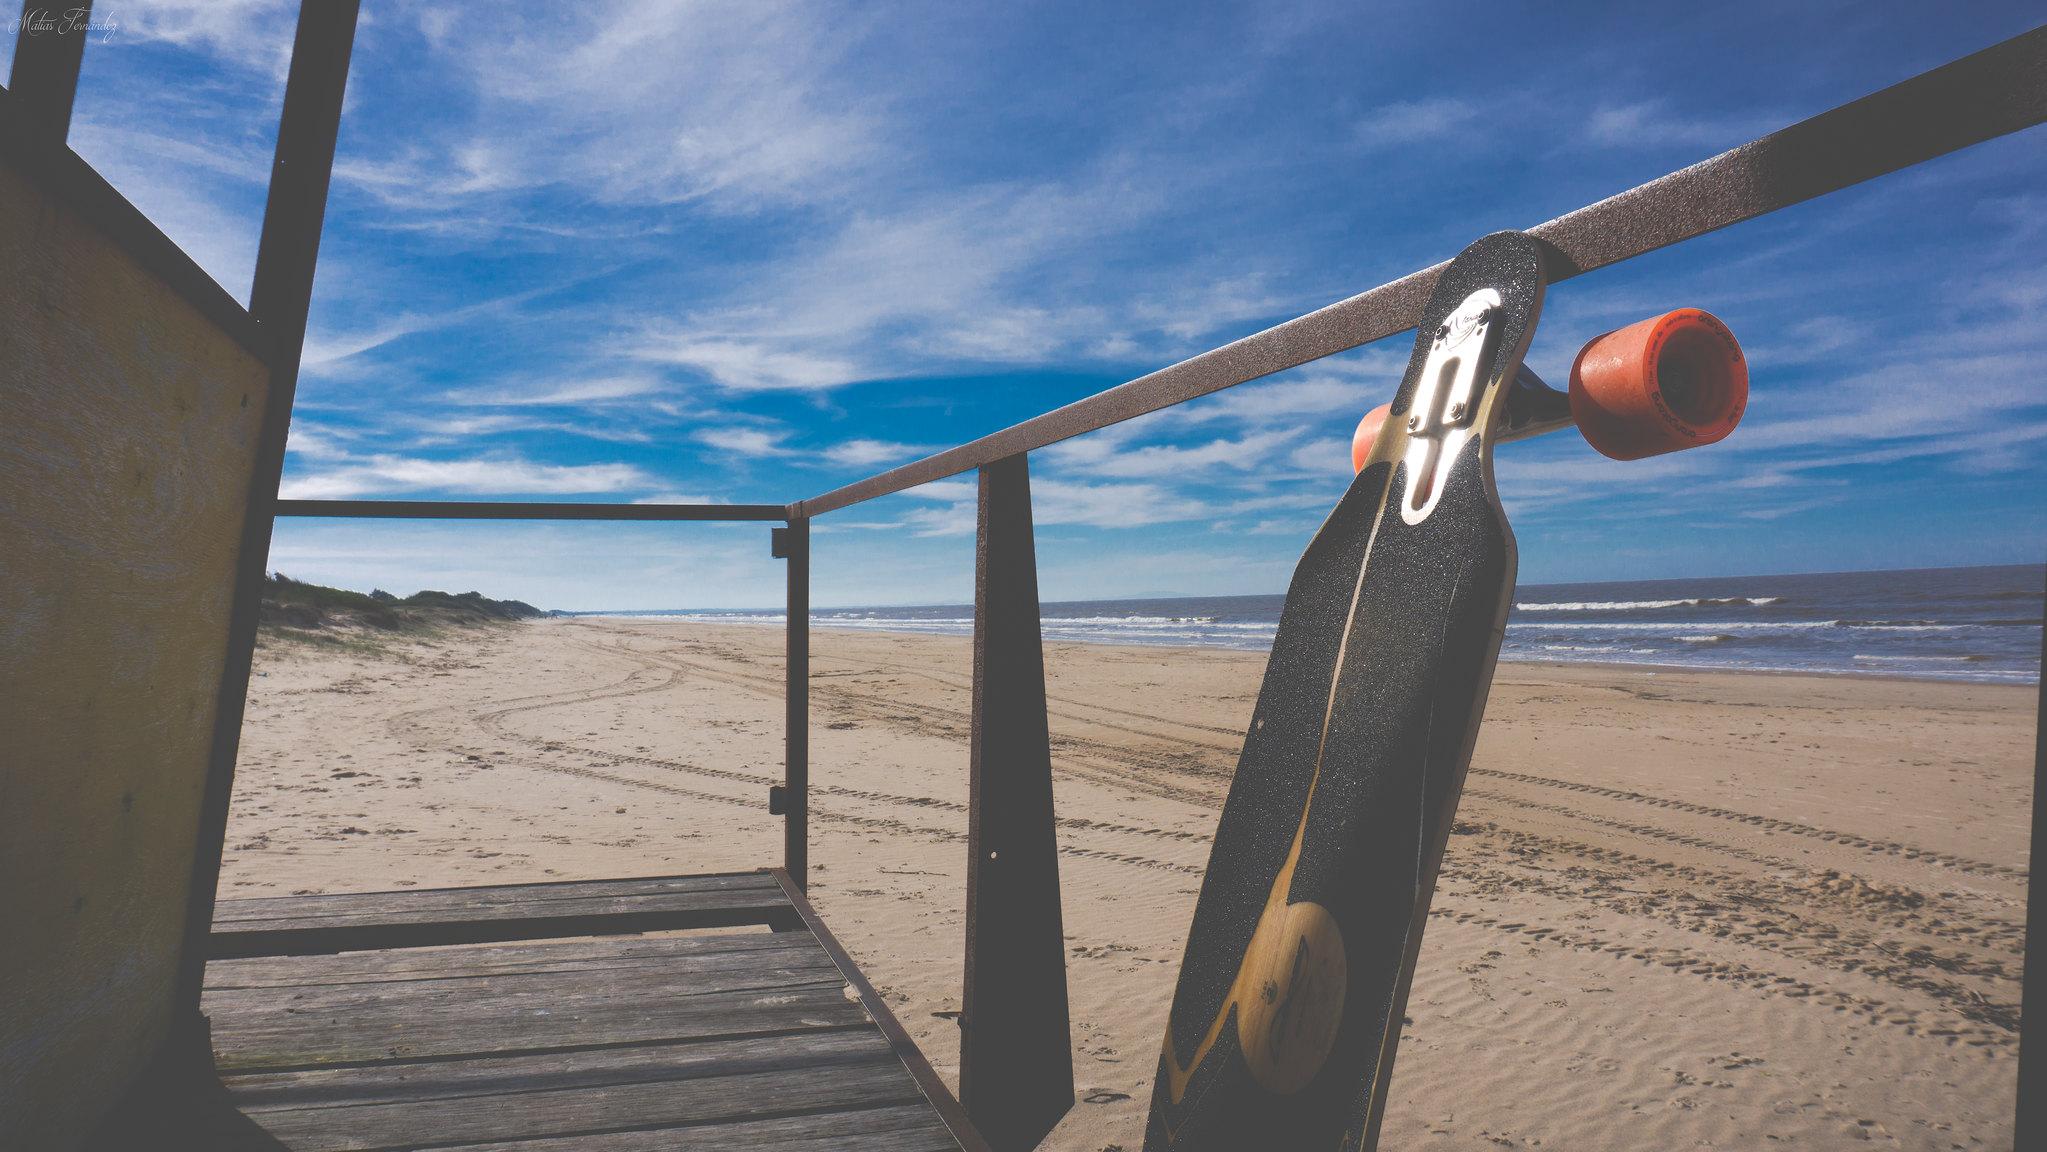 Día de longboard y paisaje costero. en Paisajes48396730476_3d73105c38_k